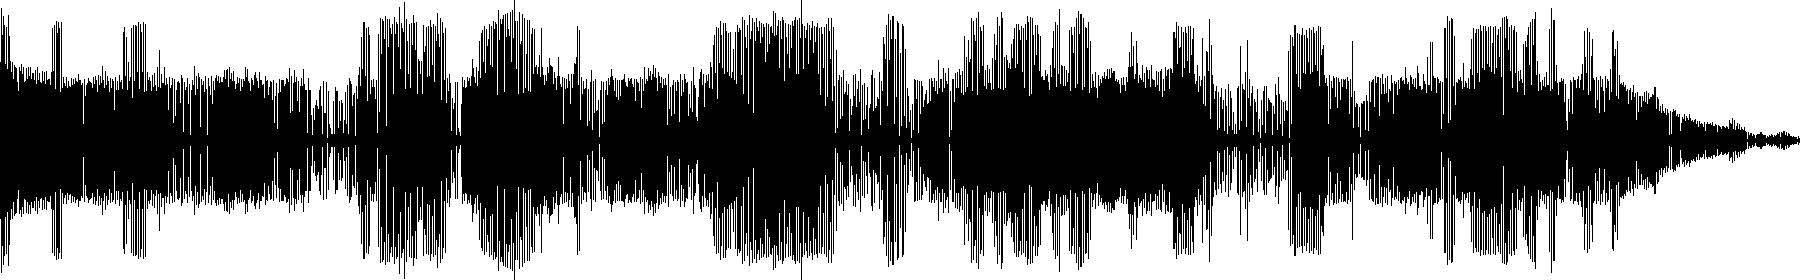 veh2 synths   005 c